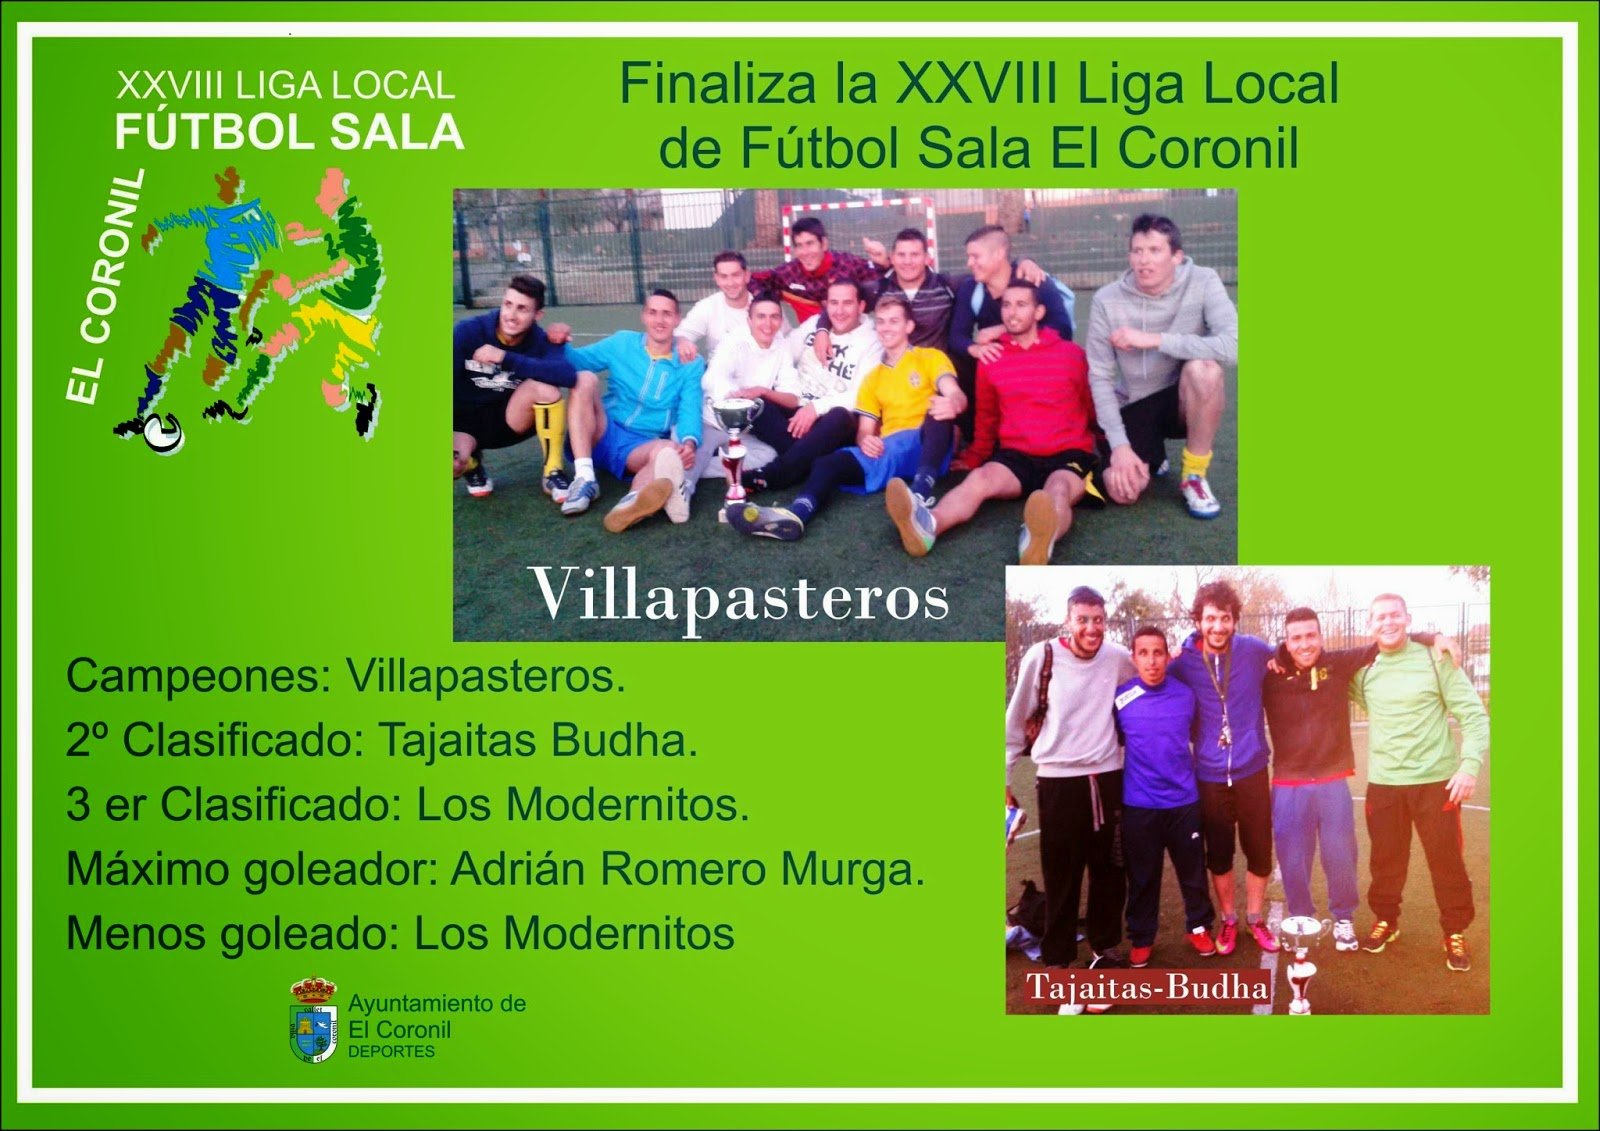 Deportes el coronil finaliza la liga local de f tbol sala for Federacion de futbol sala